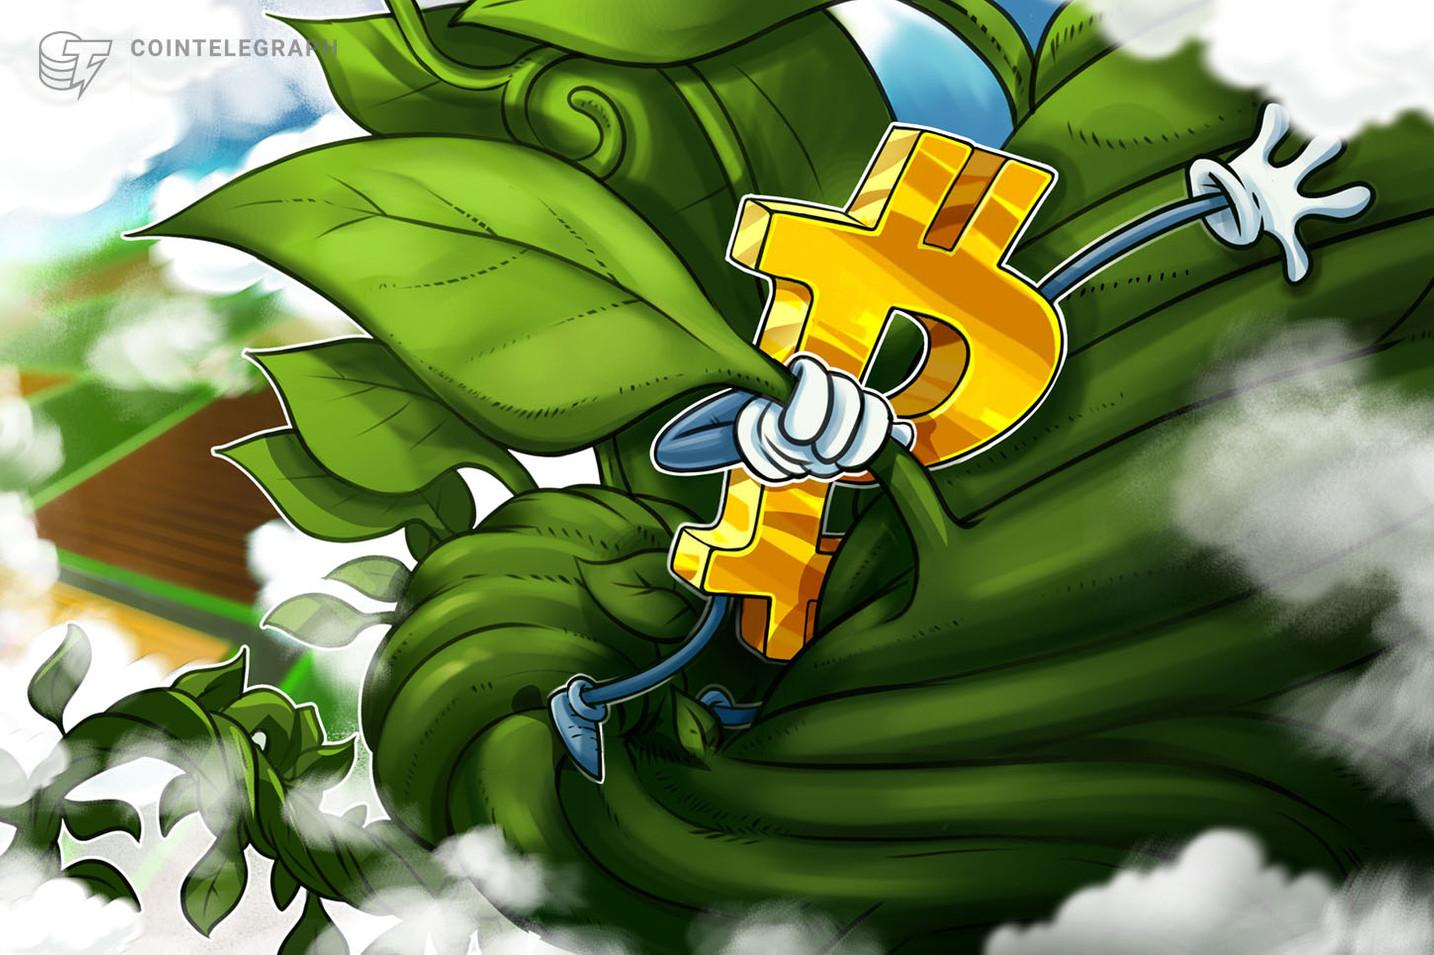 Enquanto Bitcoin está pronto para testar US$ 10 mil outra vez, Algorand e Tezos continuam em alta